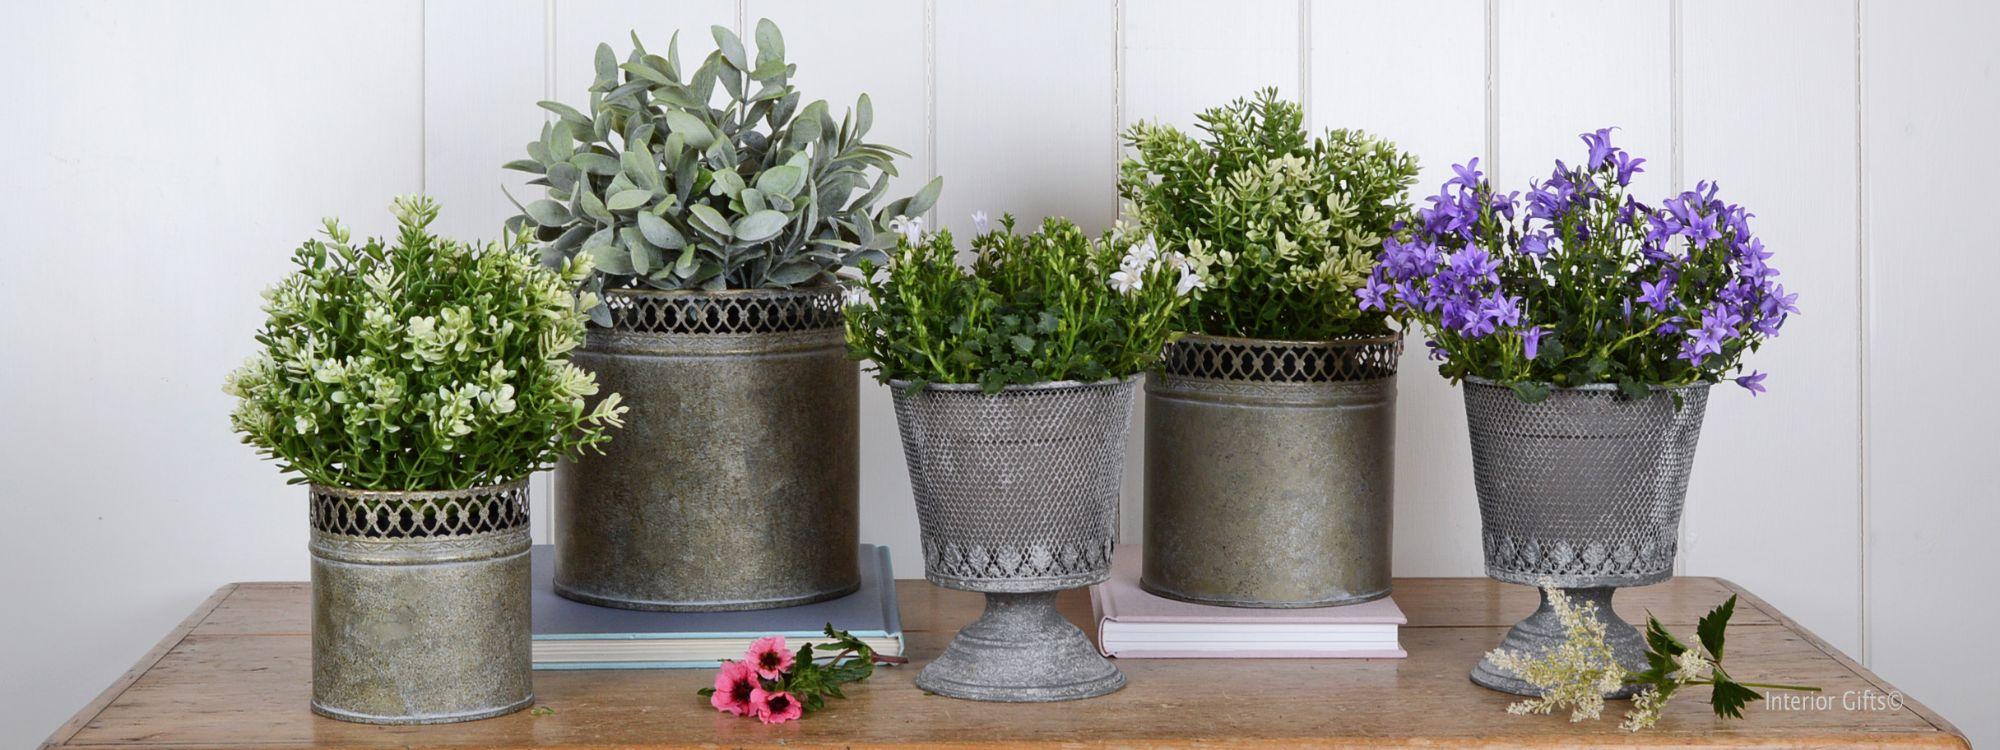 Zinc Glavanised Plant Pots and Planter